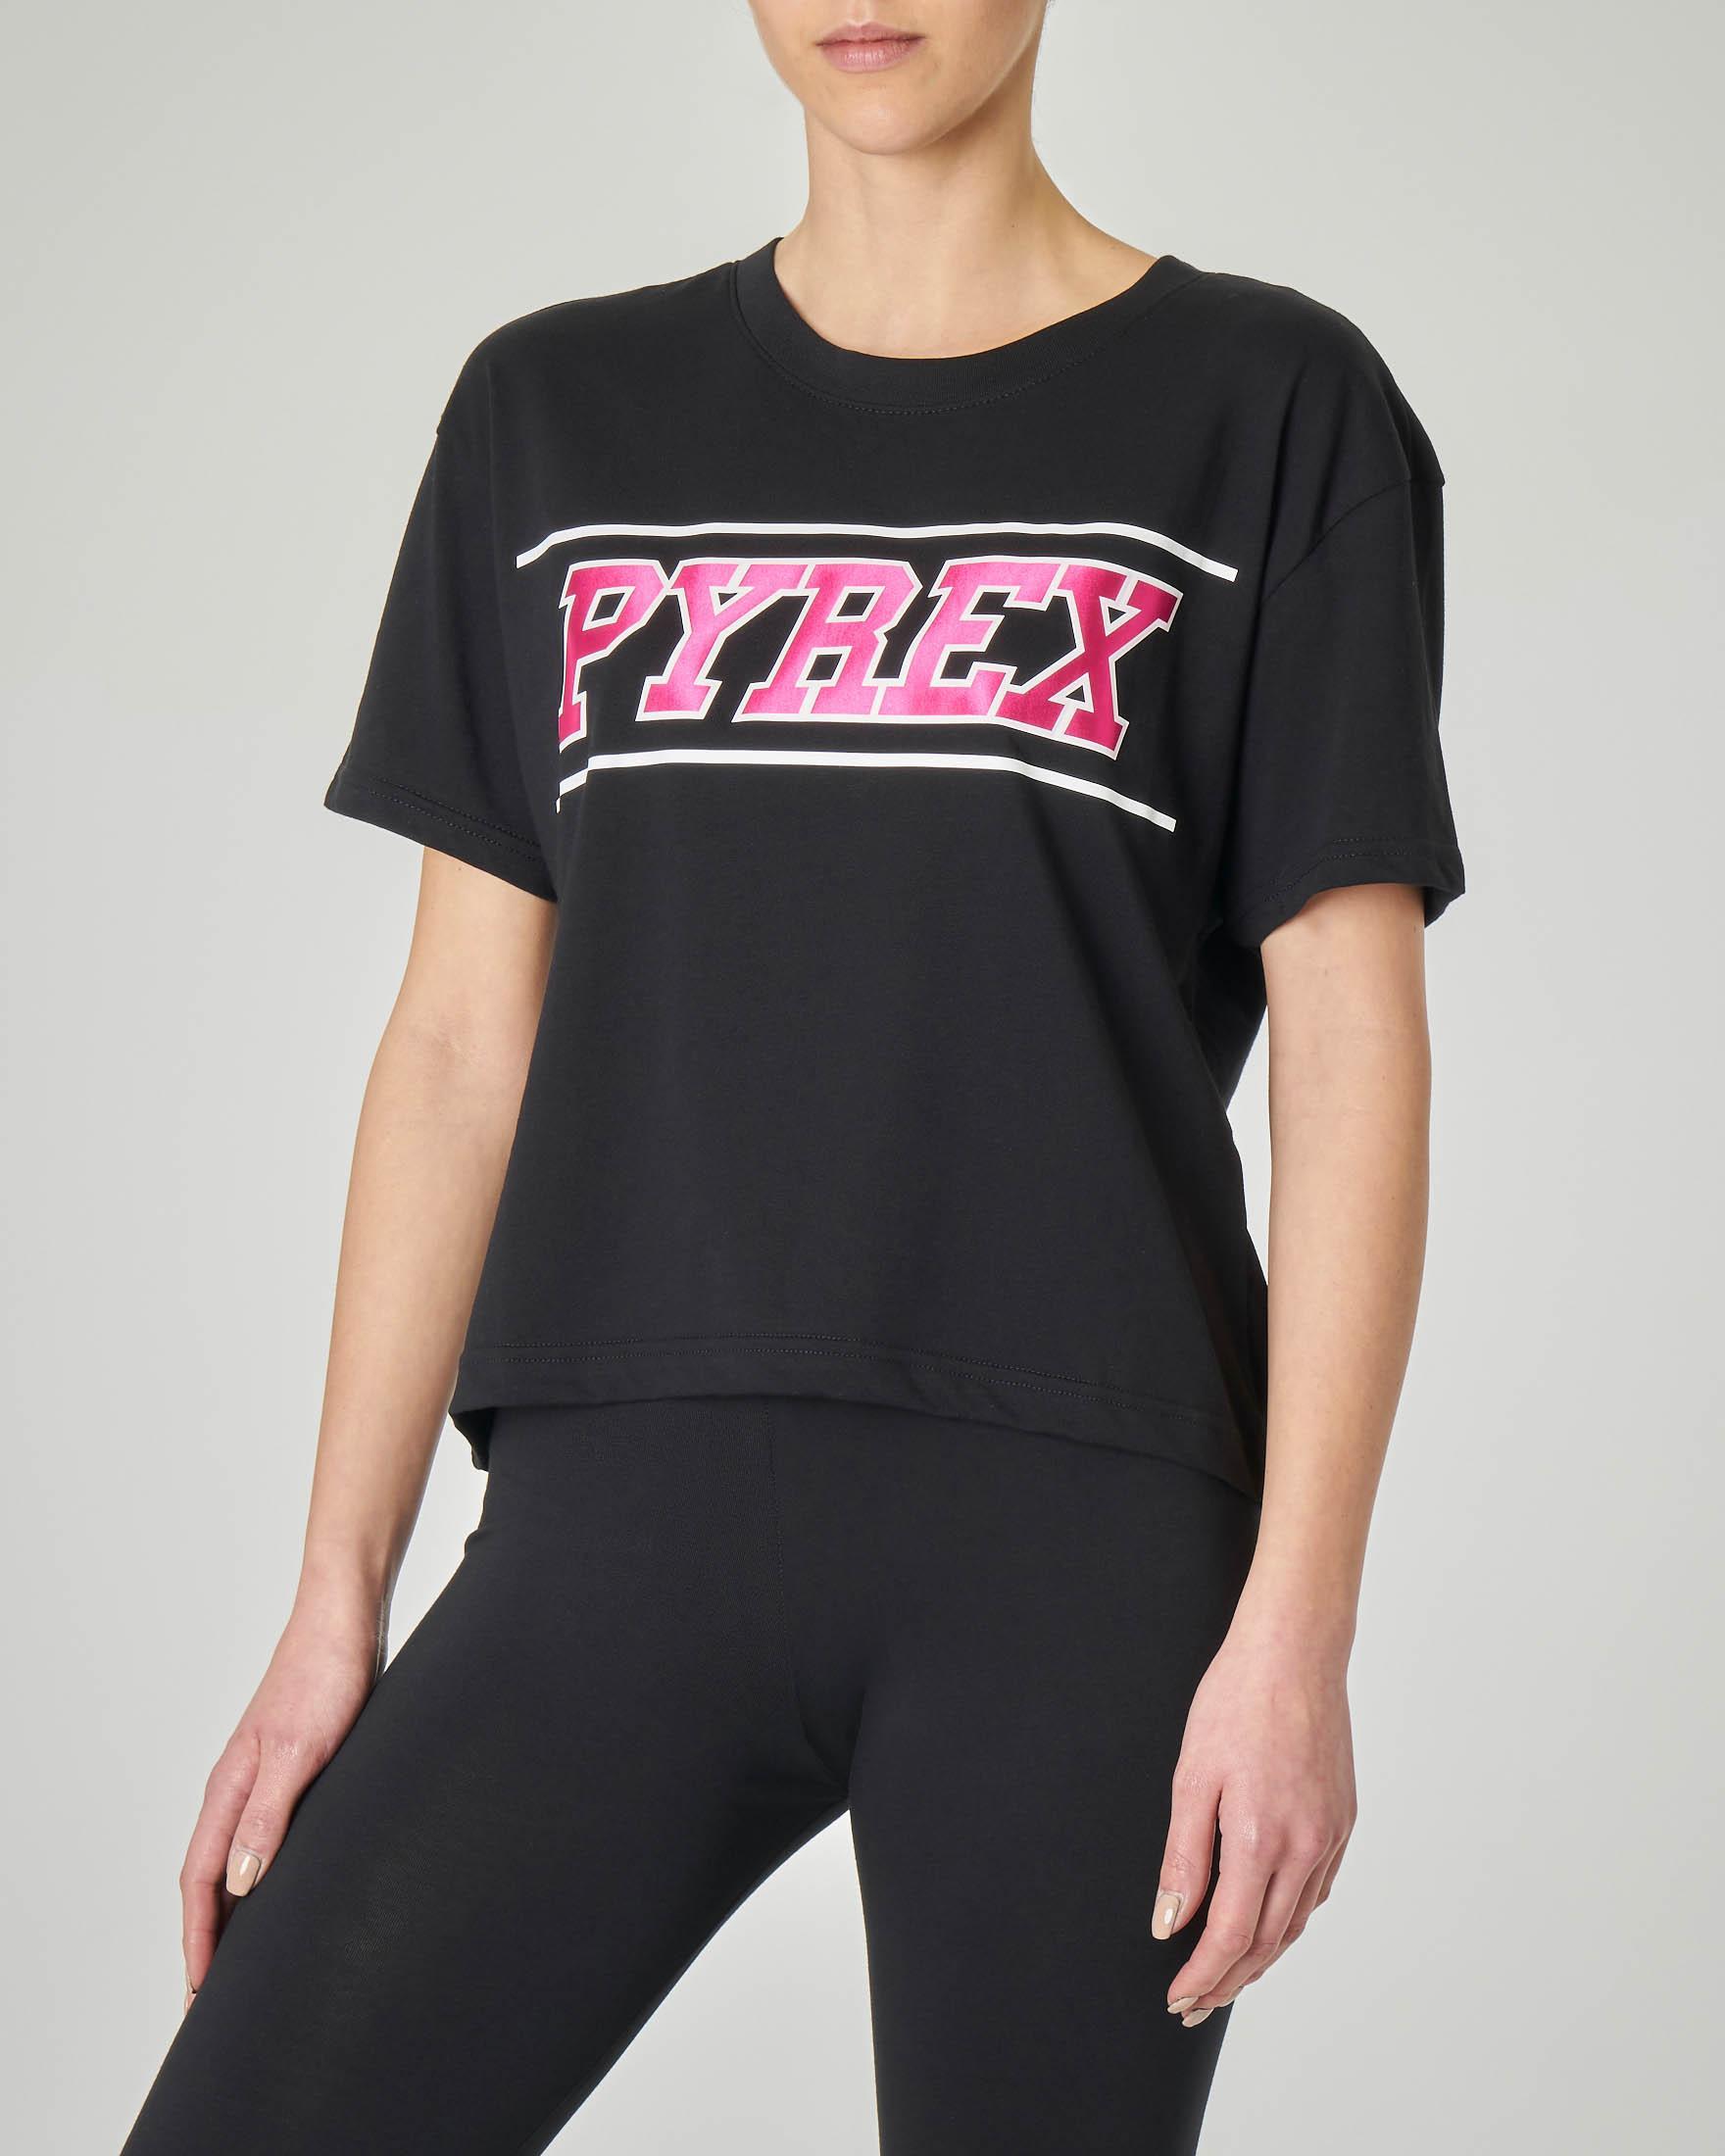 T-shirt nera cropped con logo fucsia effetto lucido